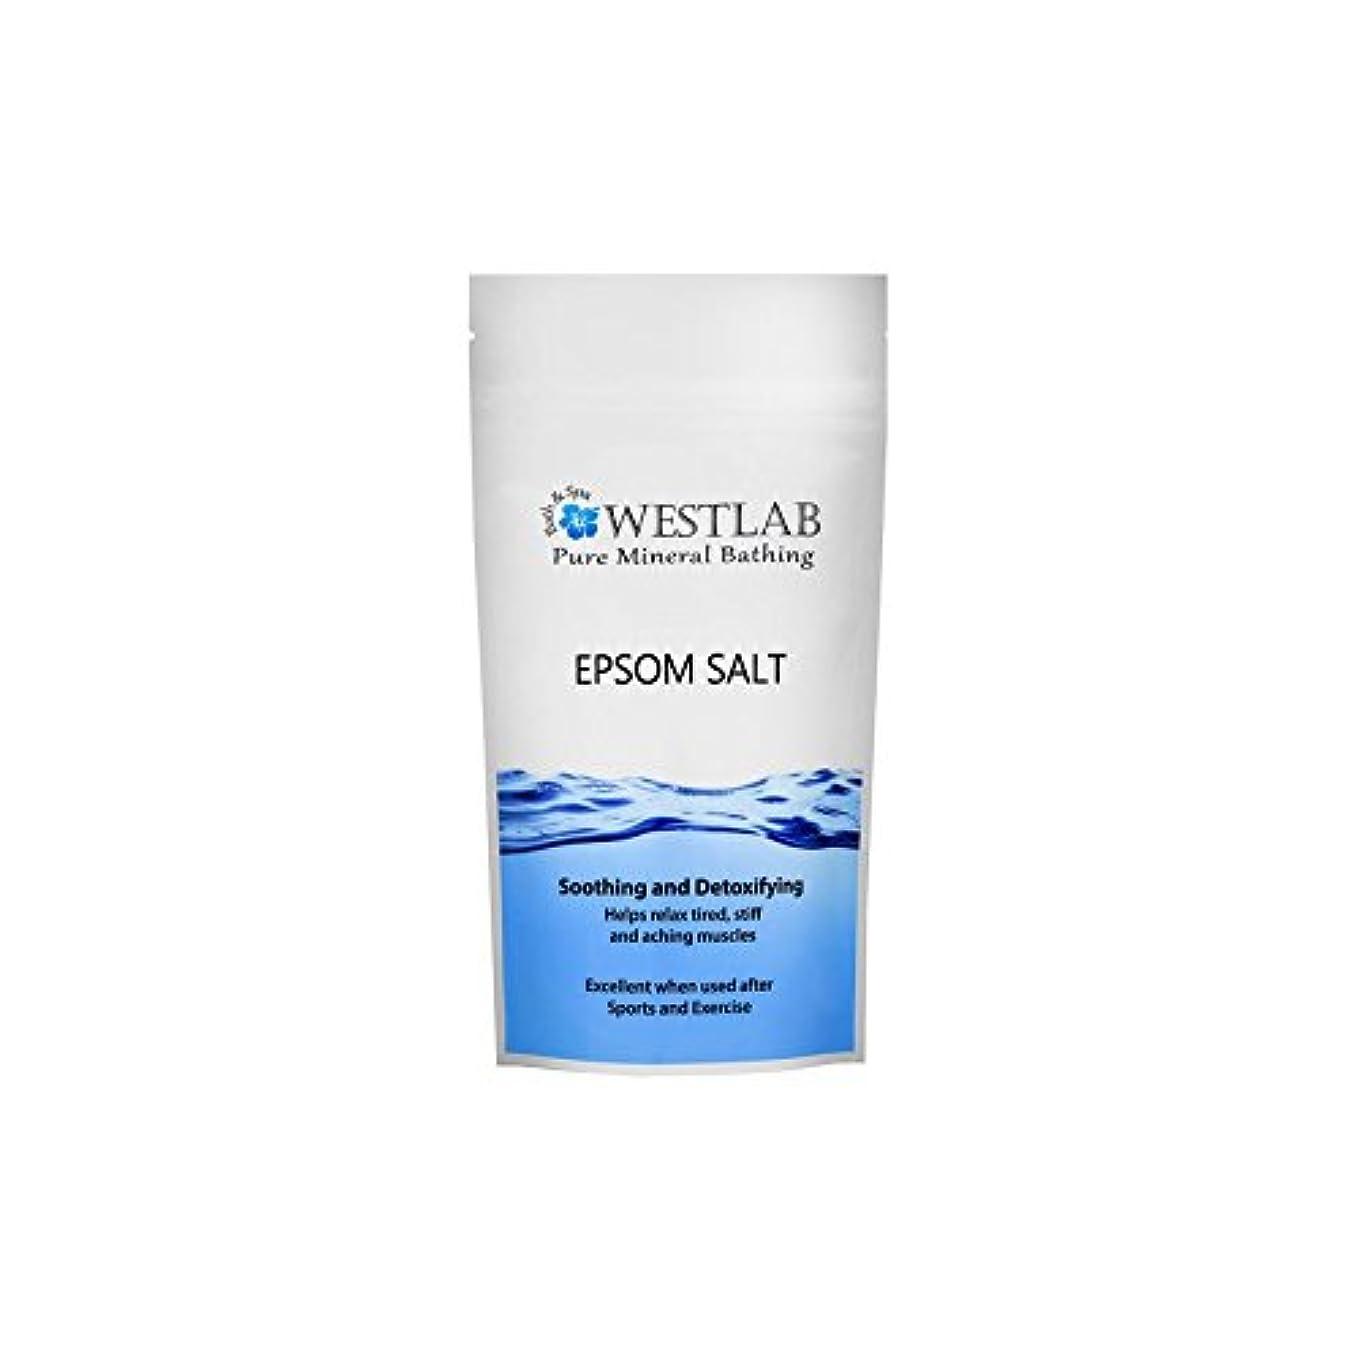 発見するレース崇拝しますエプソム塩の2キロ x2 - Westlab Epsom Salt 2kg (Pack of 2) [並行輸入品]